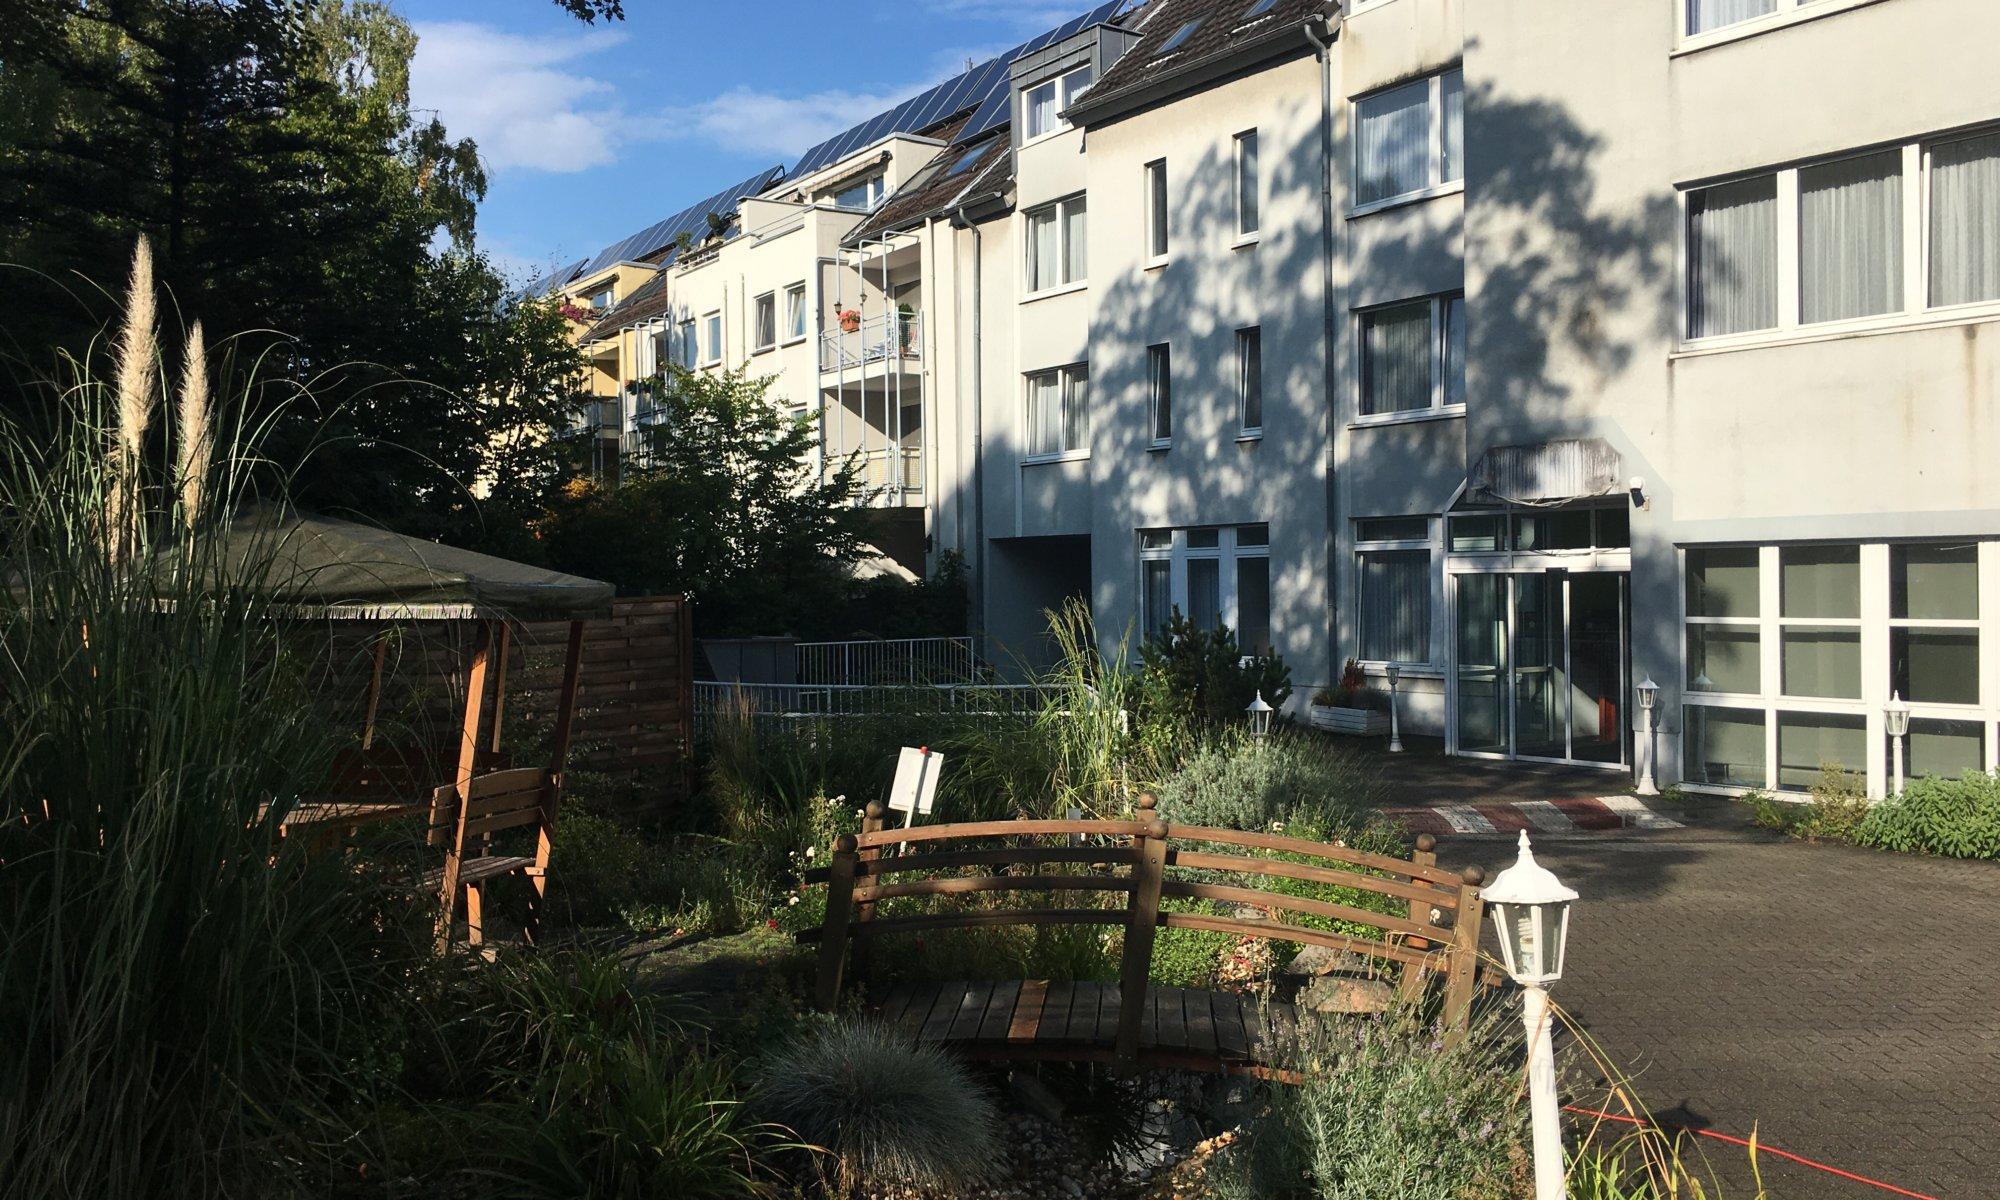 Astoria City Resort Hotel, Altenessen, Essen